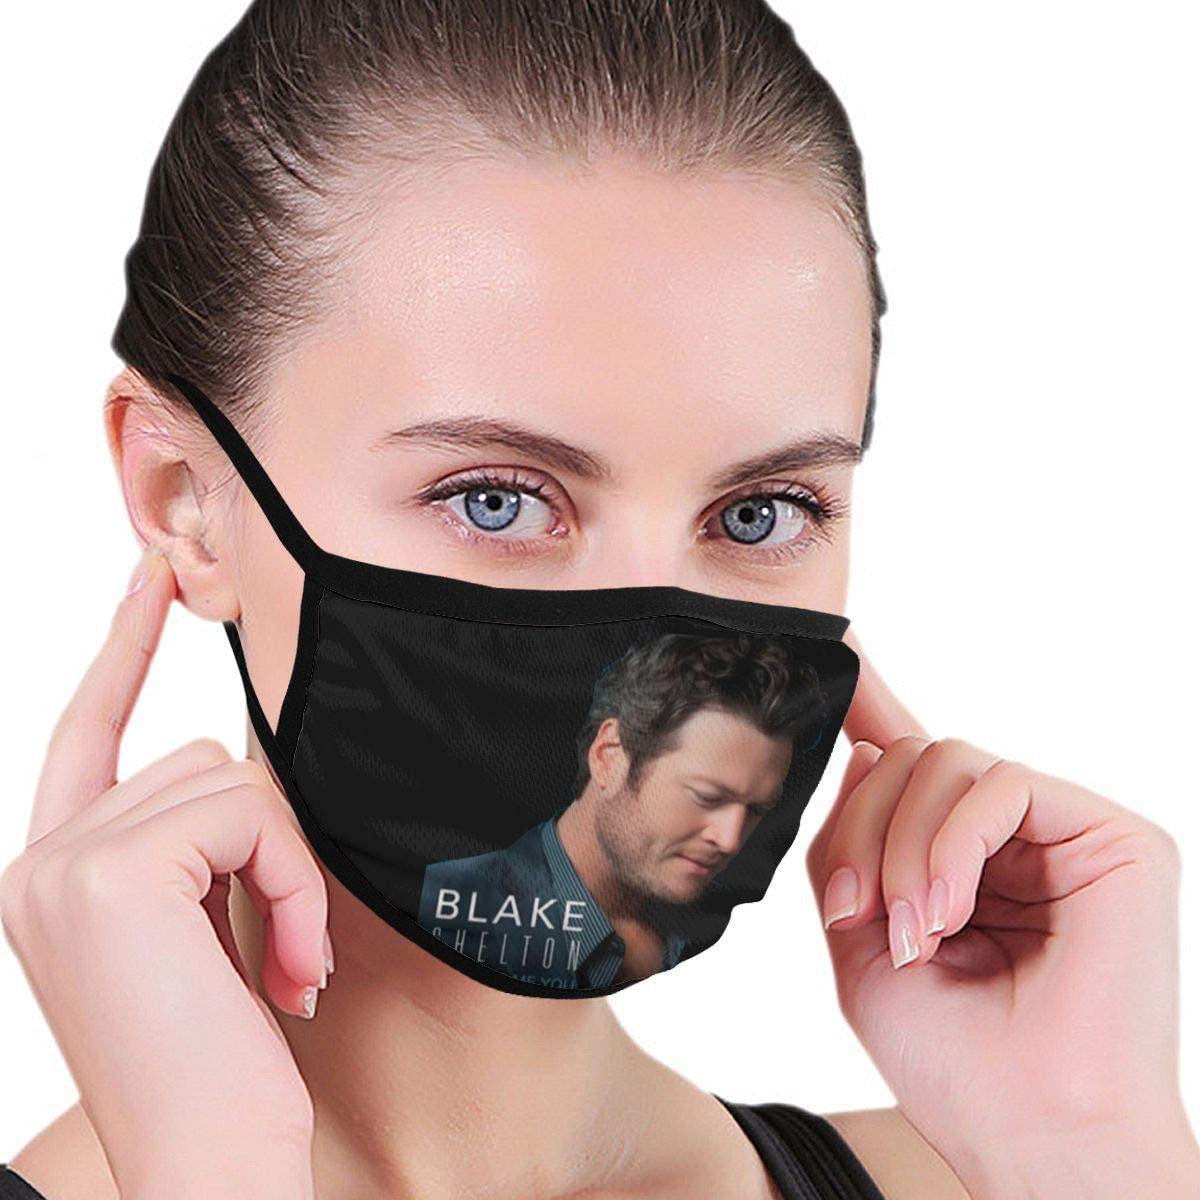 Blake Shelton God Gave Me You Unisex Fashion Face Bandanas Head Band Wears Scarf Face Tube Neck Scarf